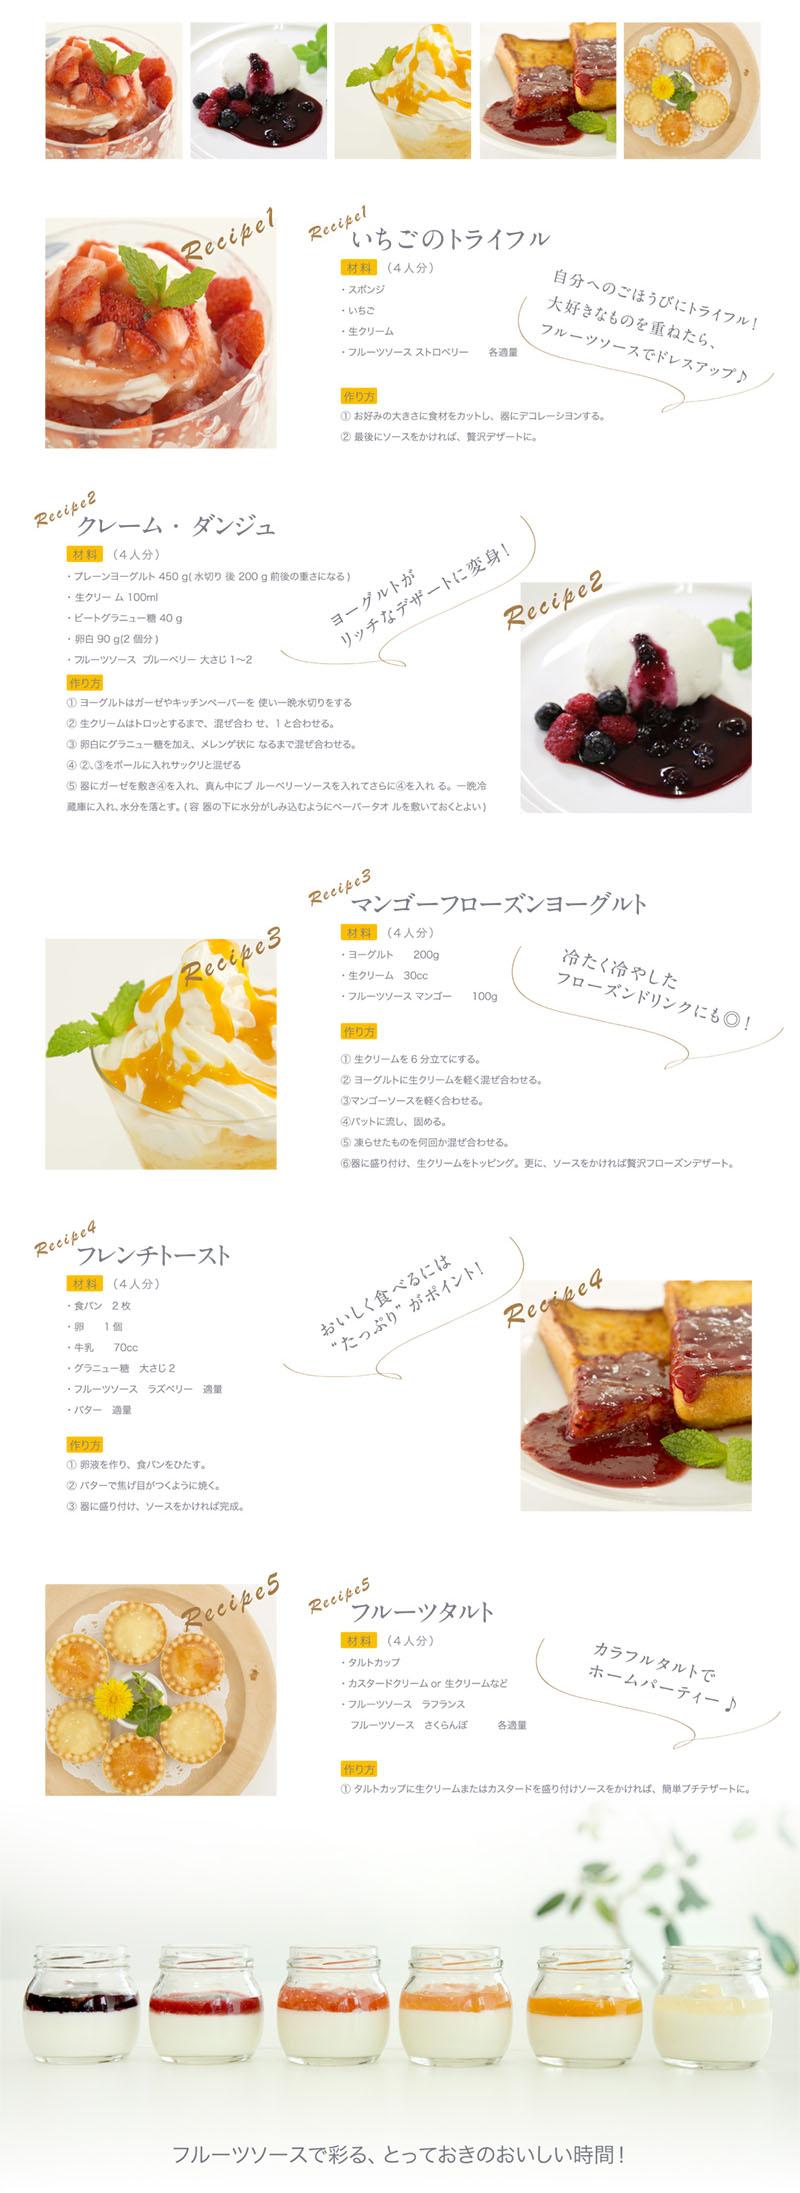 フルーツソースの楽しみ方